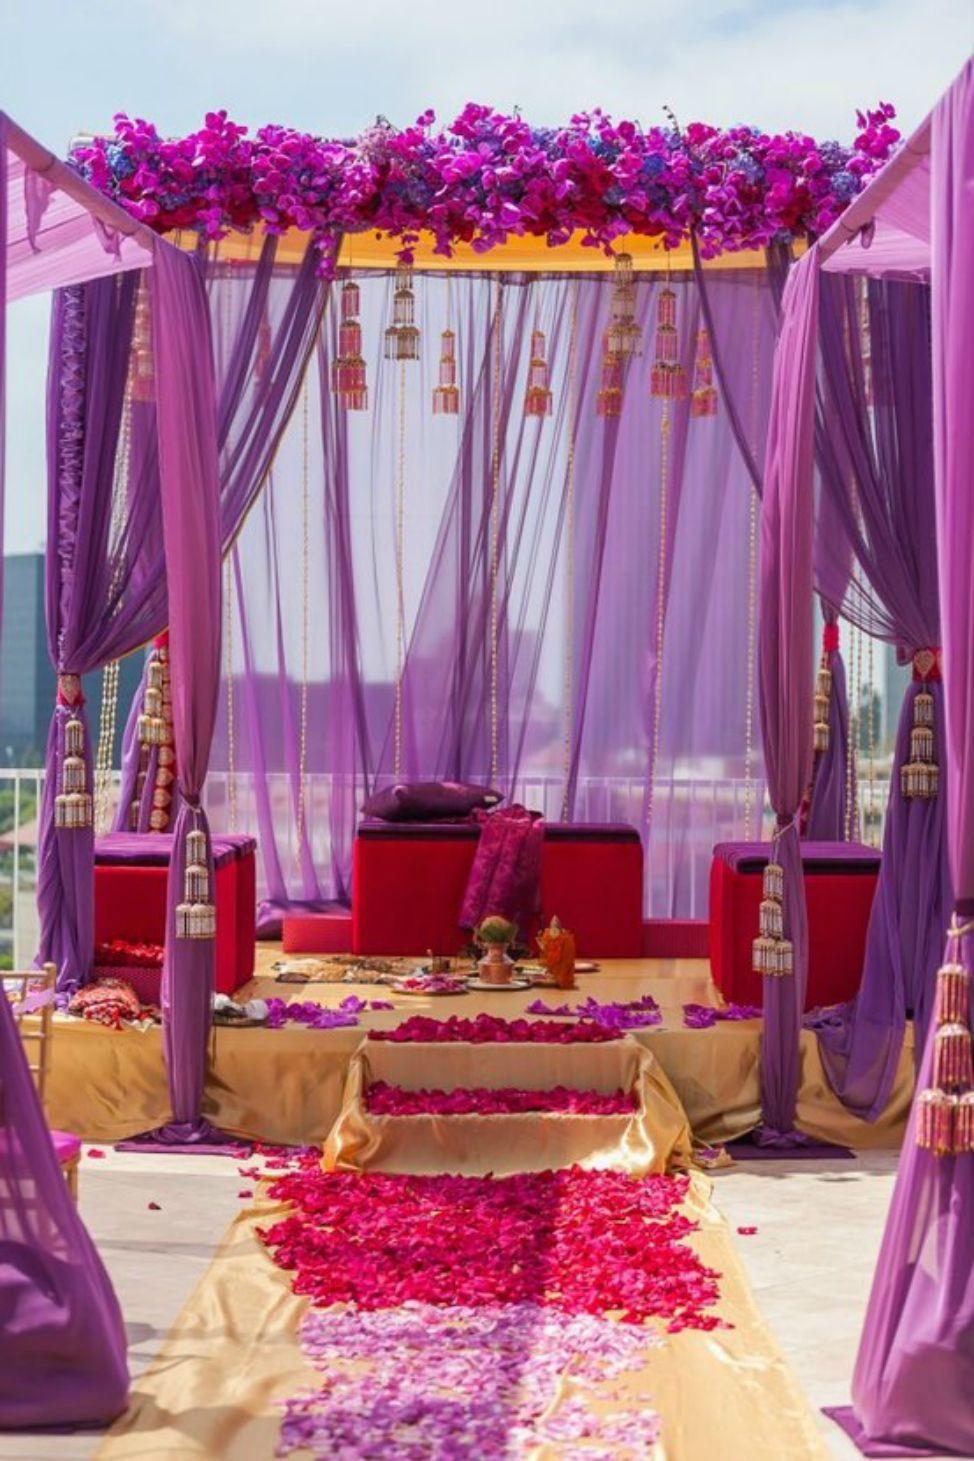 Indian wedding bedroom decoration ideas - Contemporary Wedding Reception Ideas